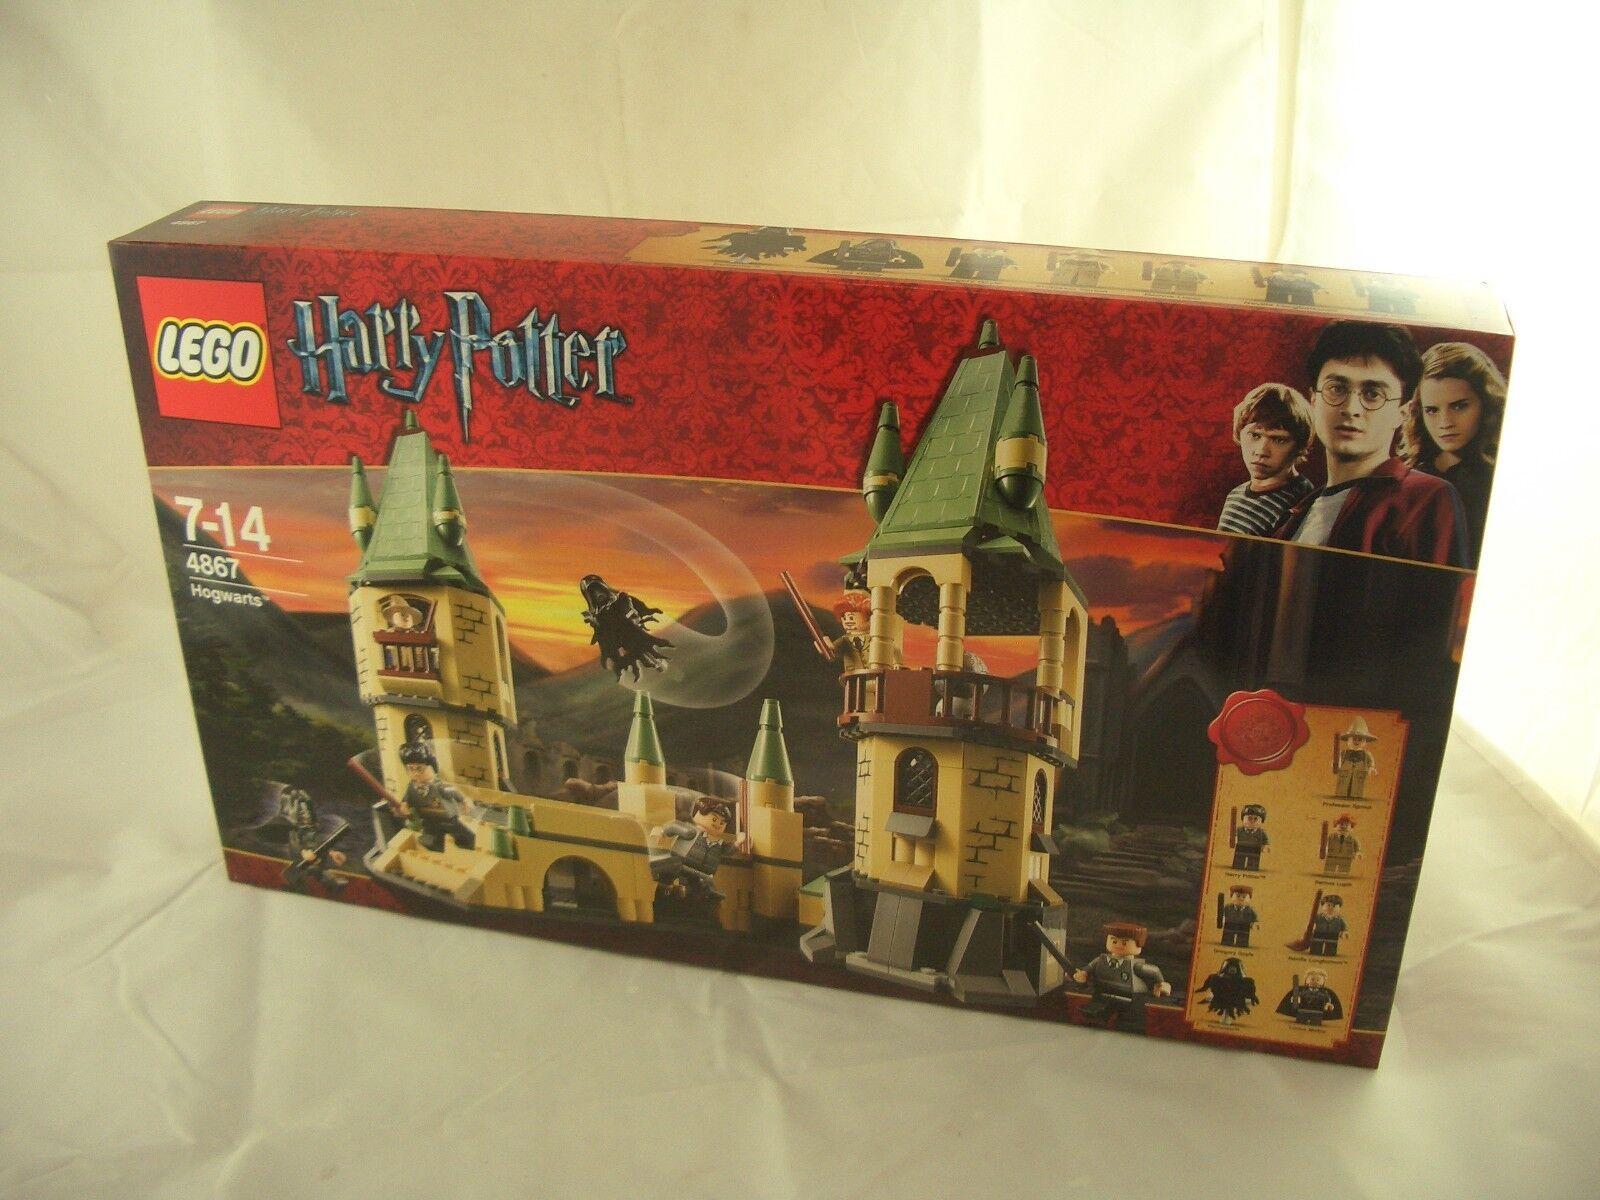 LEGO Harry Potter 4867 Hogwarts New/Sealed